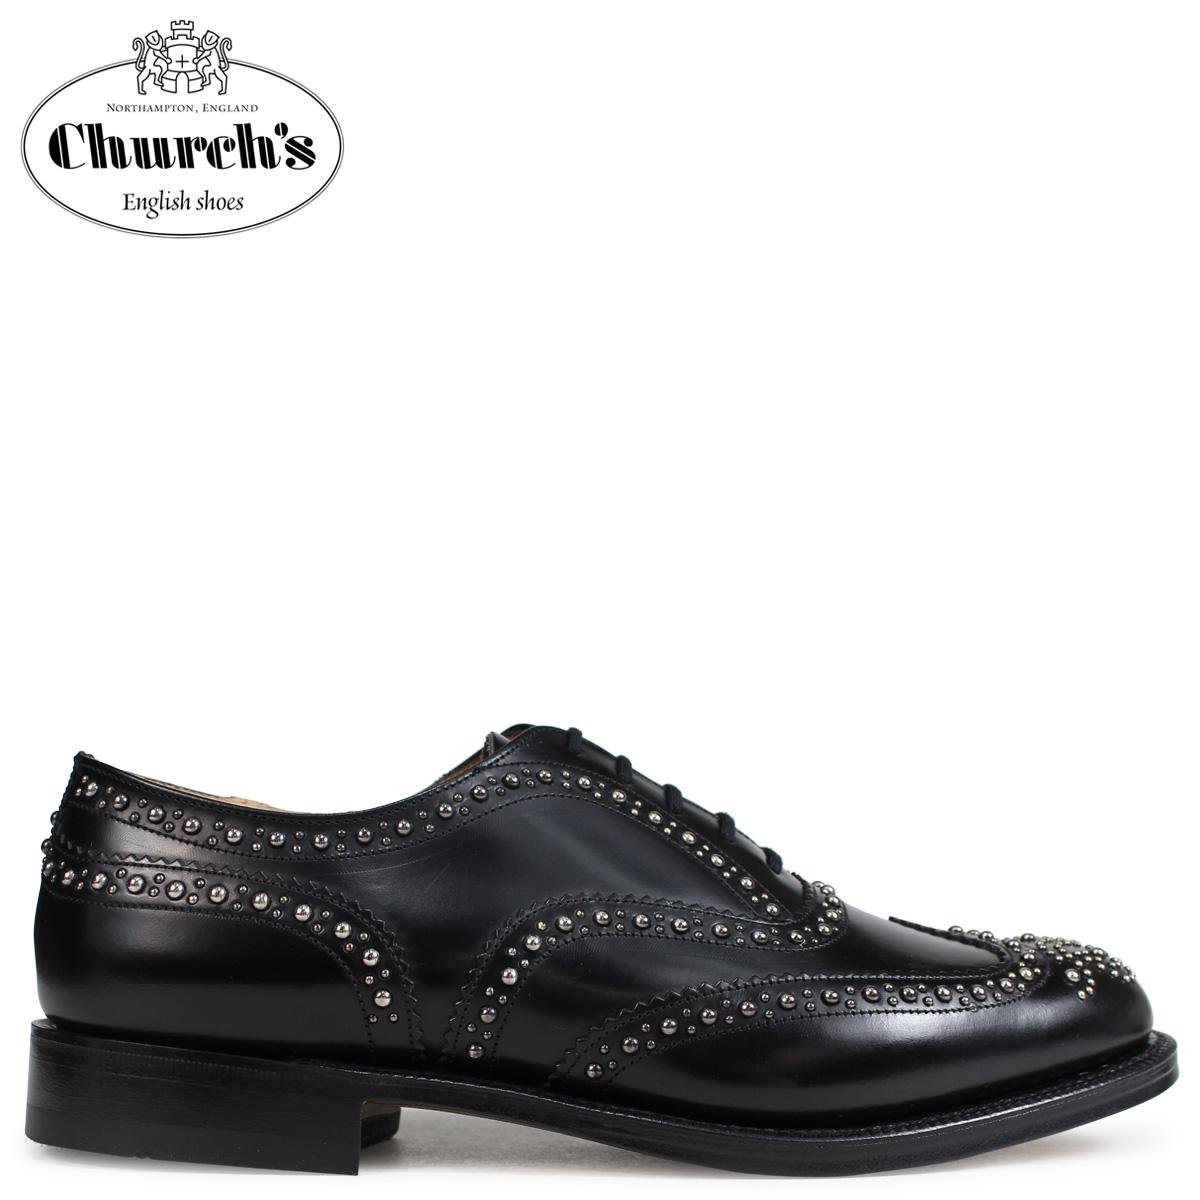 Church's チャーチ 靴 バーウッド 2S ウイングチップ シューズ メンズ BURWOOD 2S POLISHED BINDER EEB012 スタッズ ブラック